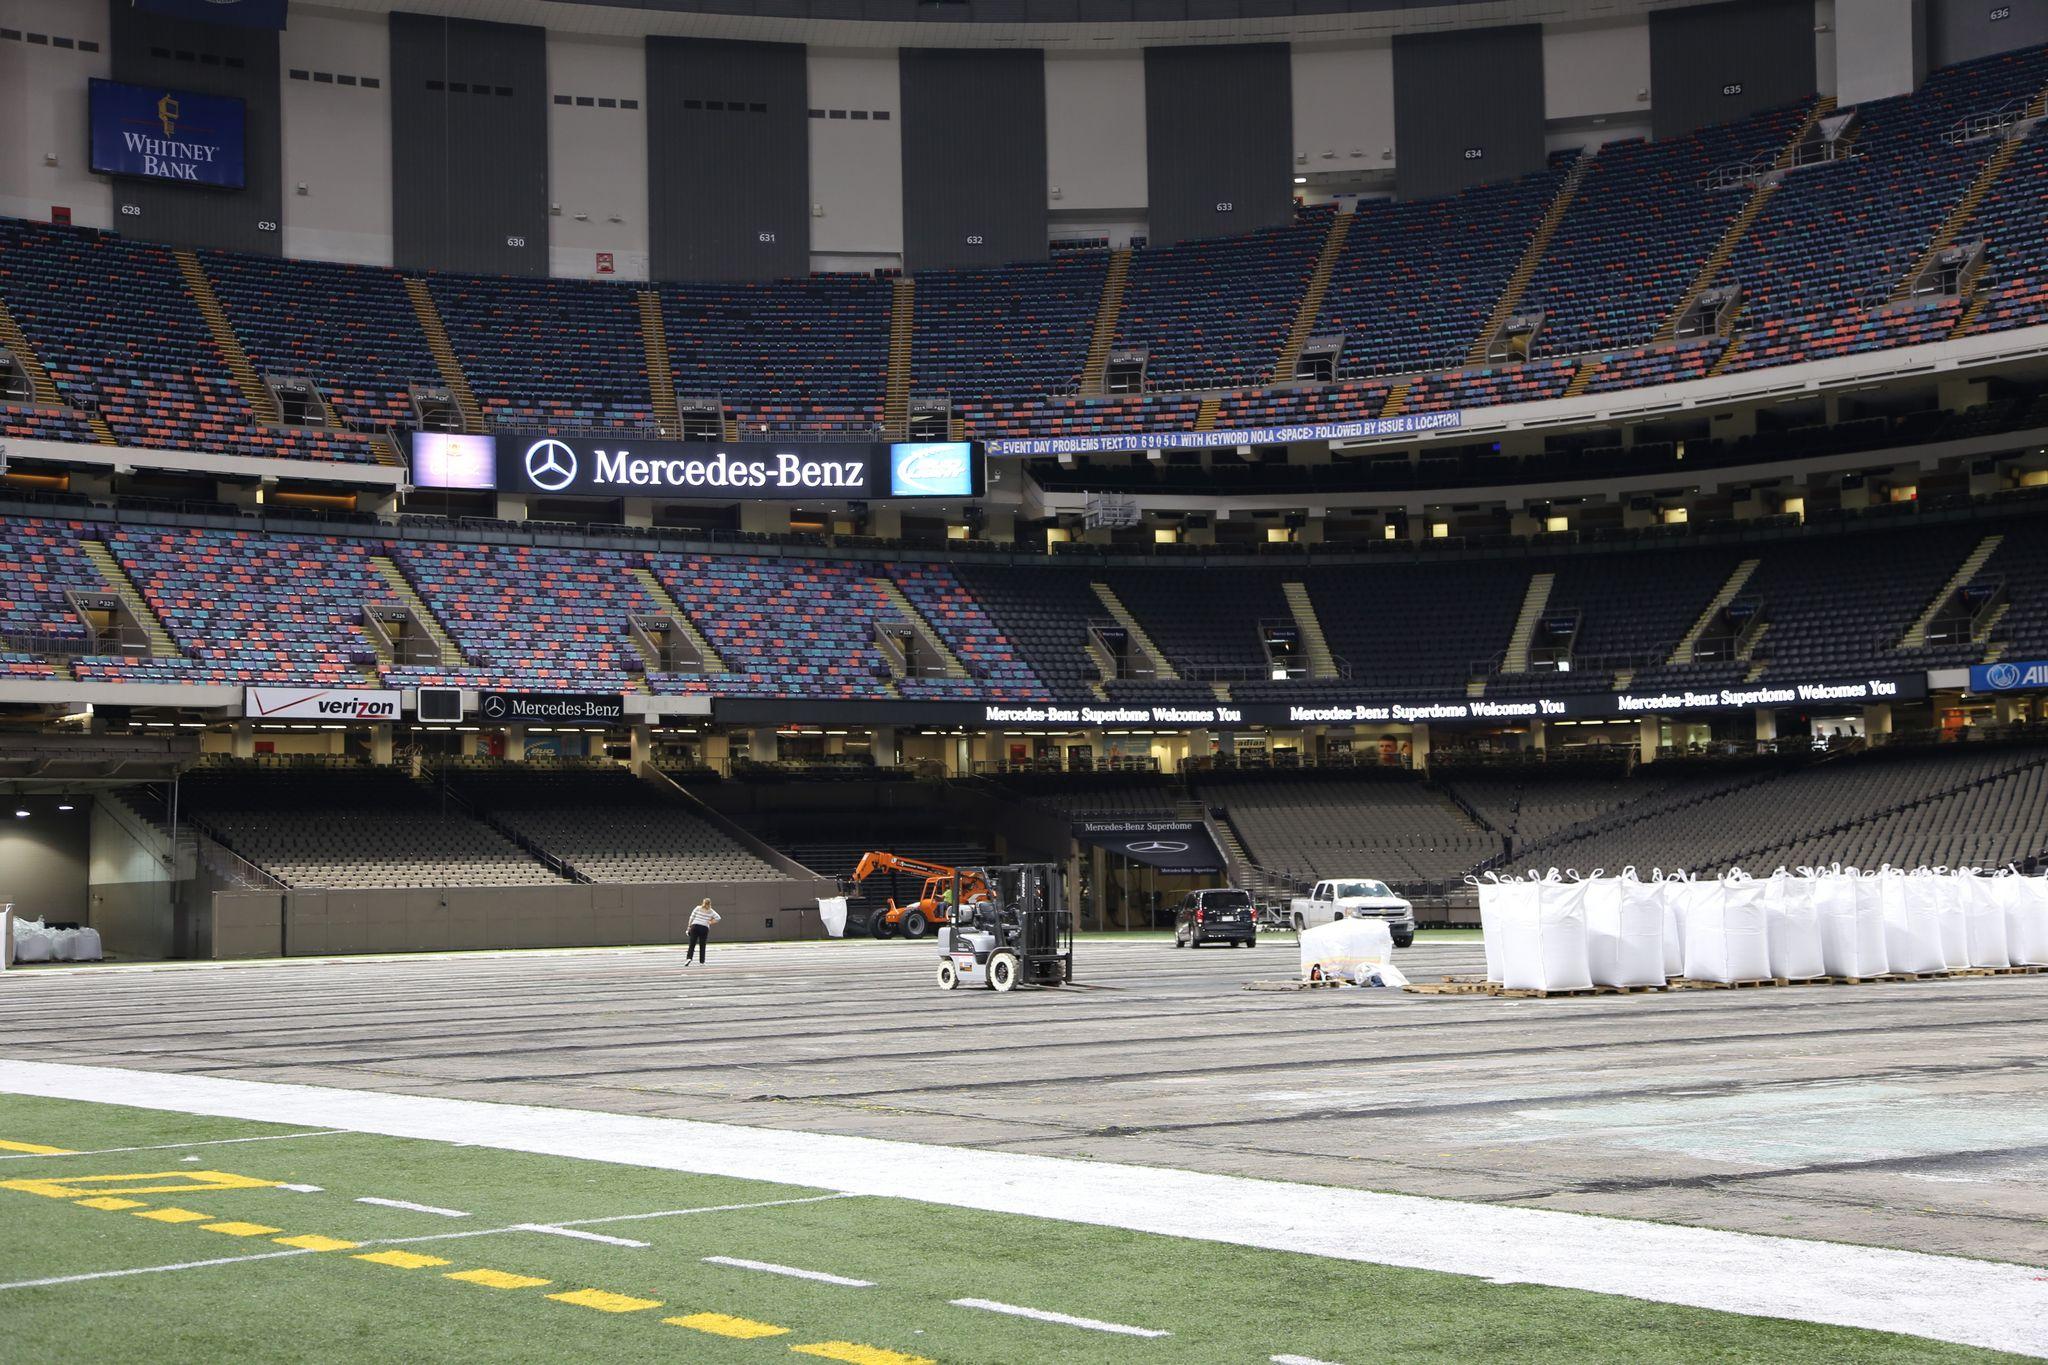 Mercedes-Benz verzichtet auf Sponsoring des Superdomes in New Orleans